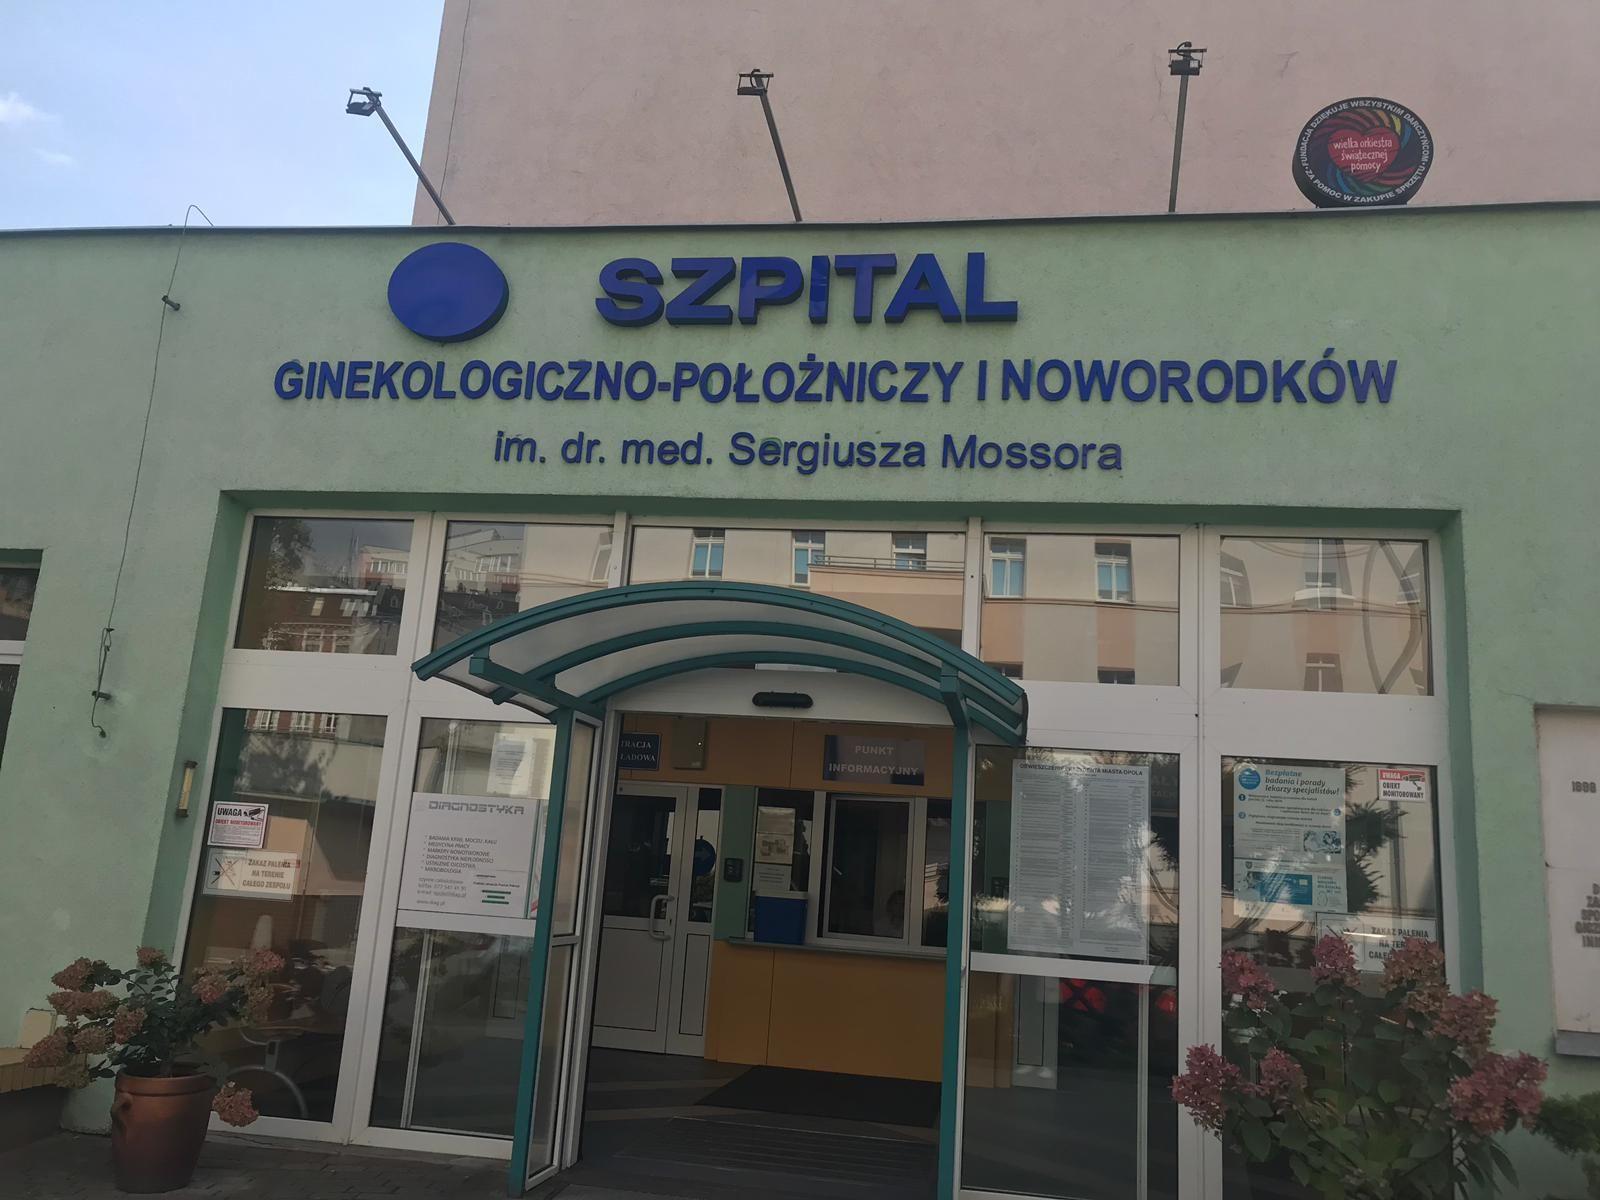 Kliniczne Centrum Ginekologii, Położnictwa i Neonatologii w Opolu[fot.M.Matuszkiewicz]